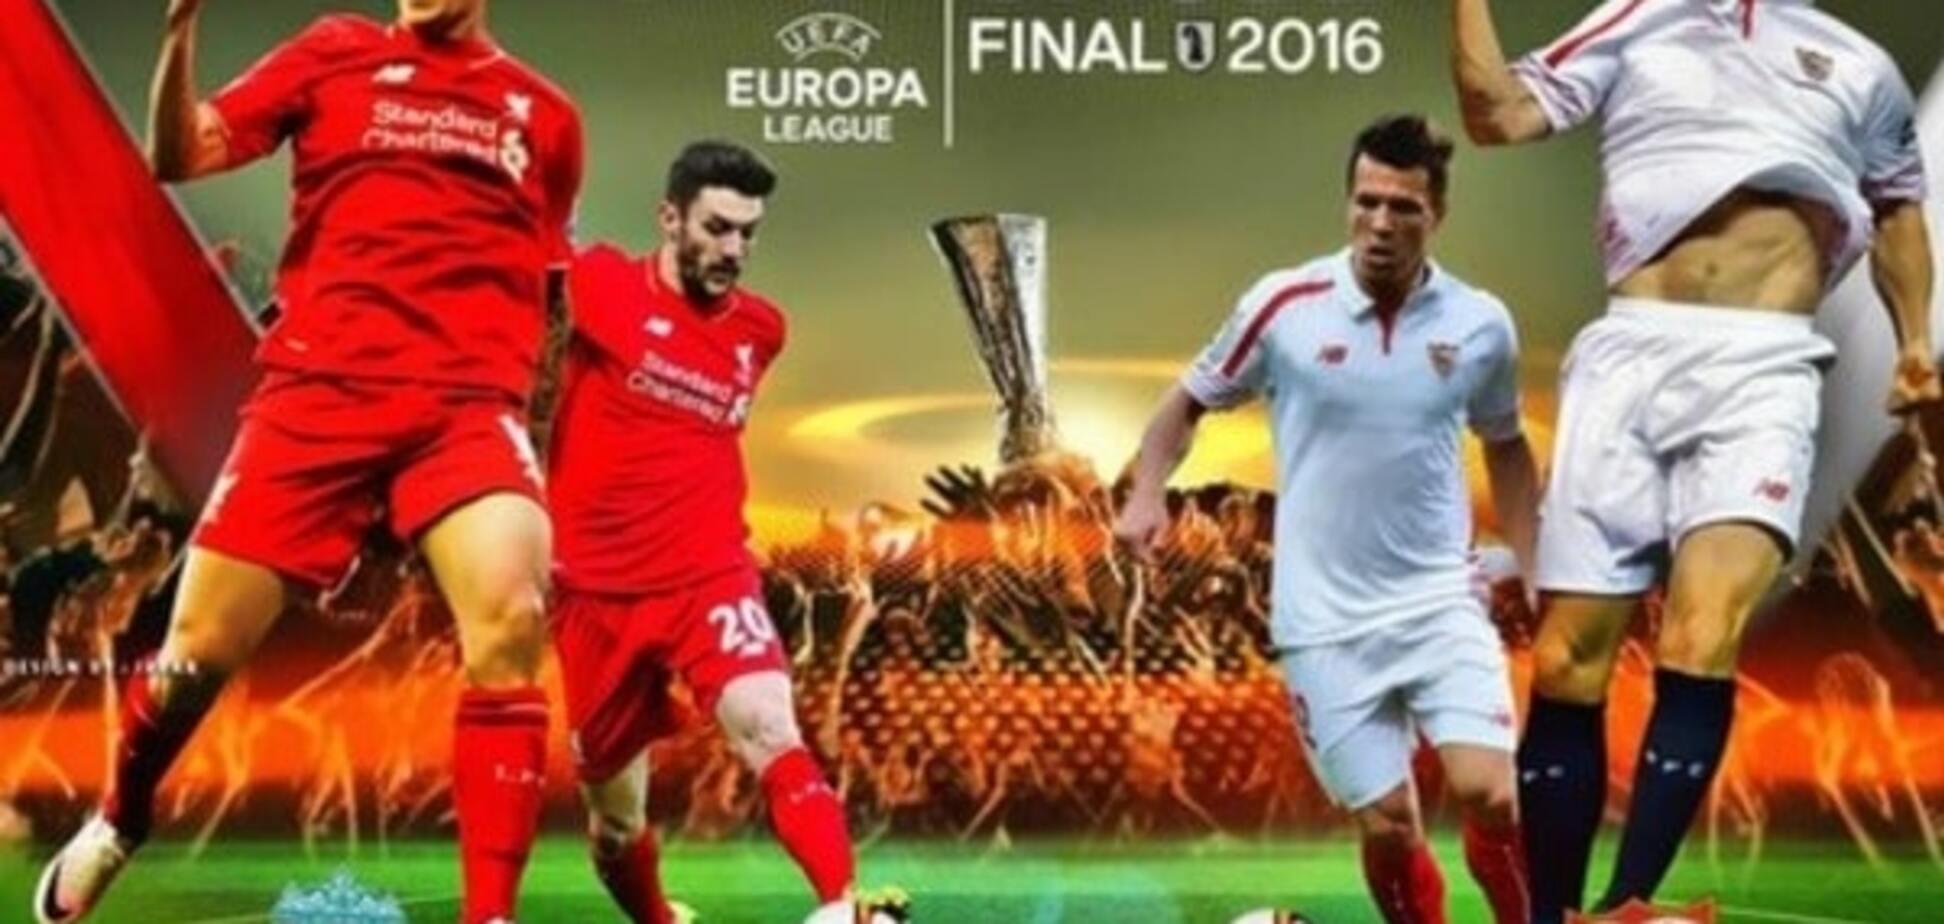 Де дивитися фінал Ліги Європи 'Ліверпуль' - 'Севілья': розклад трансляцій